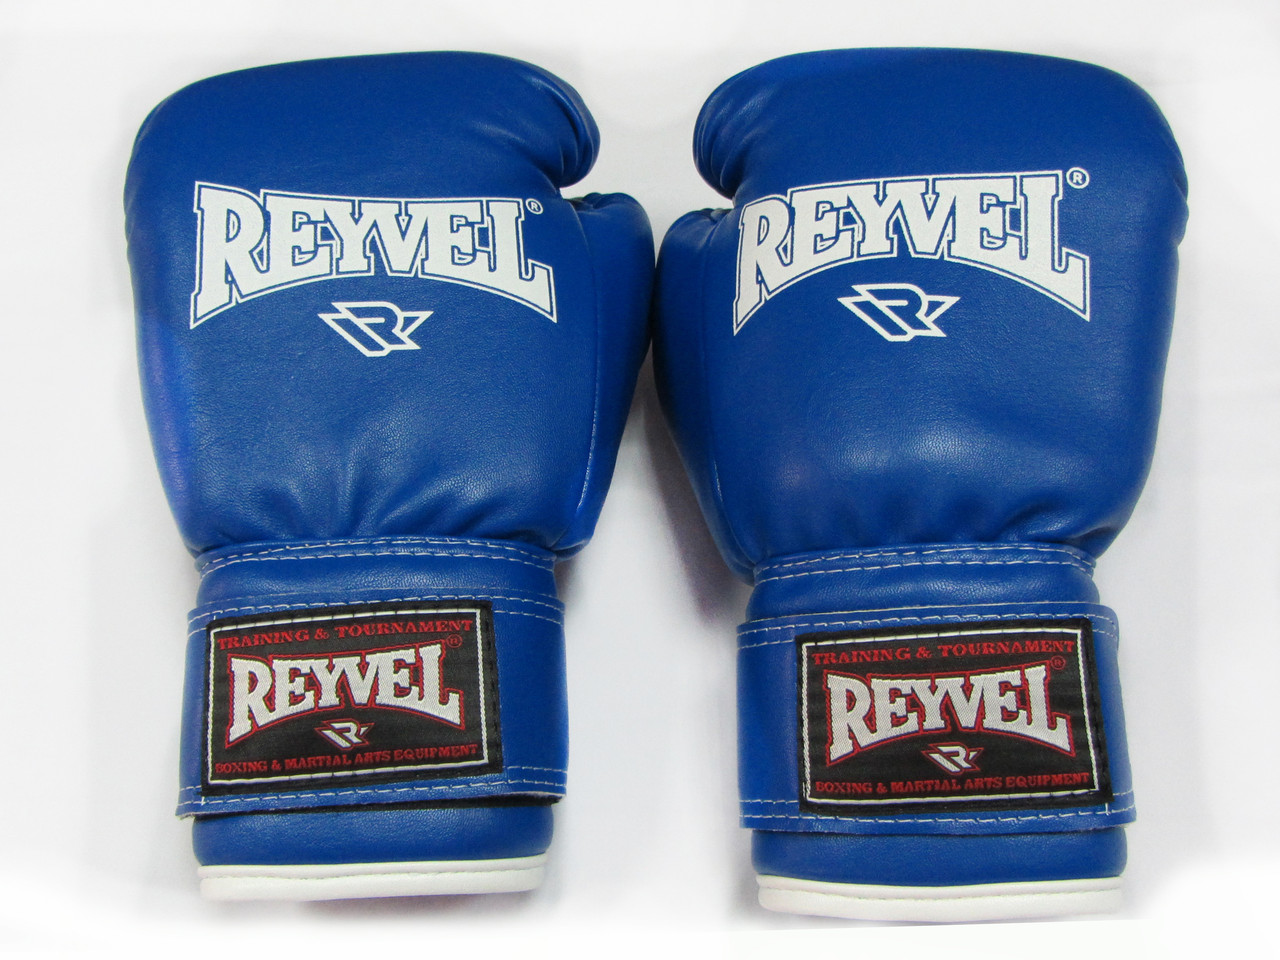 Перчатки для бокса REYVEL винил cиние 8oz